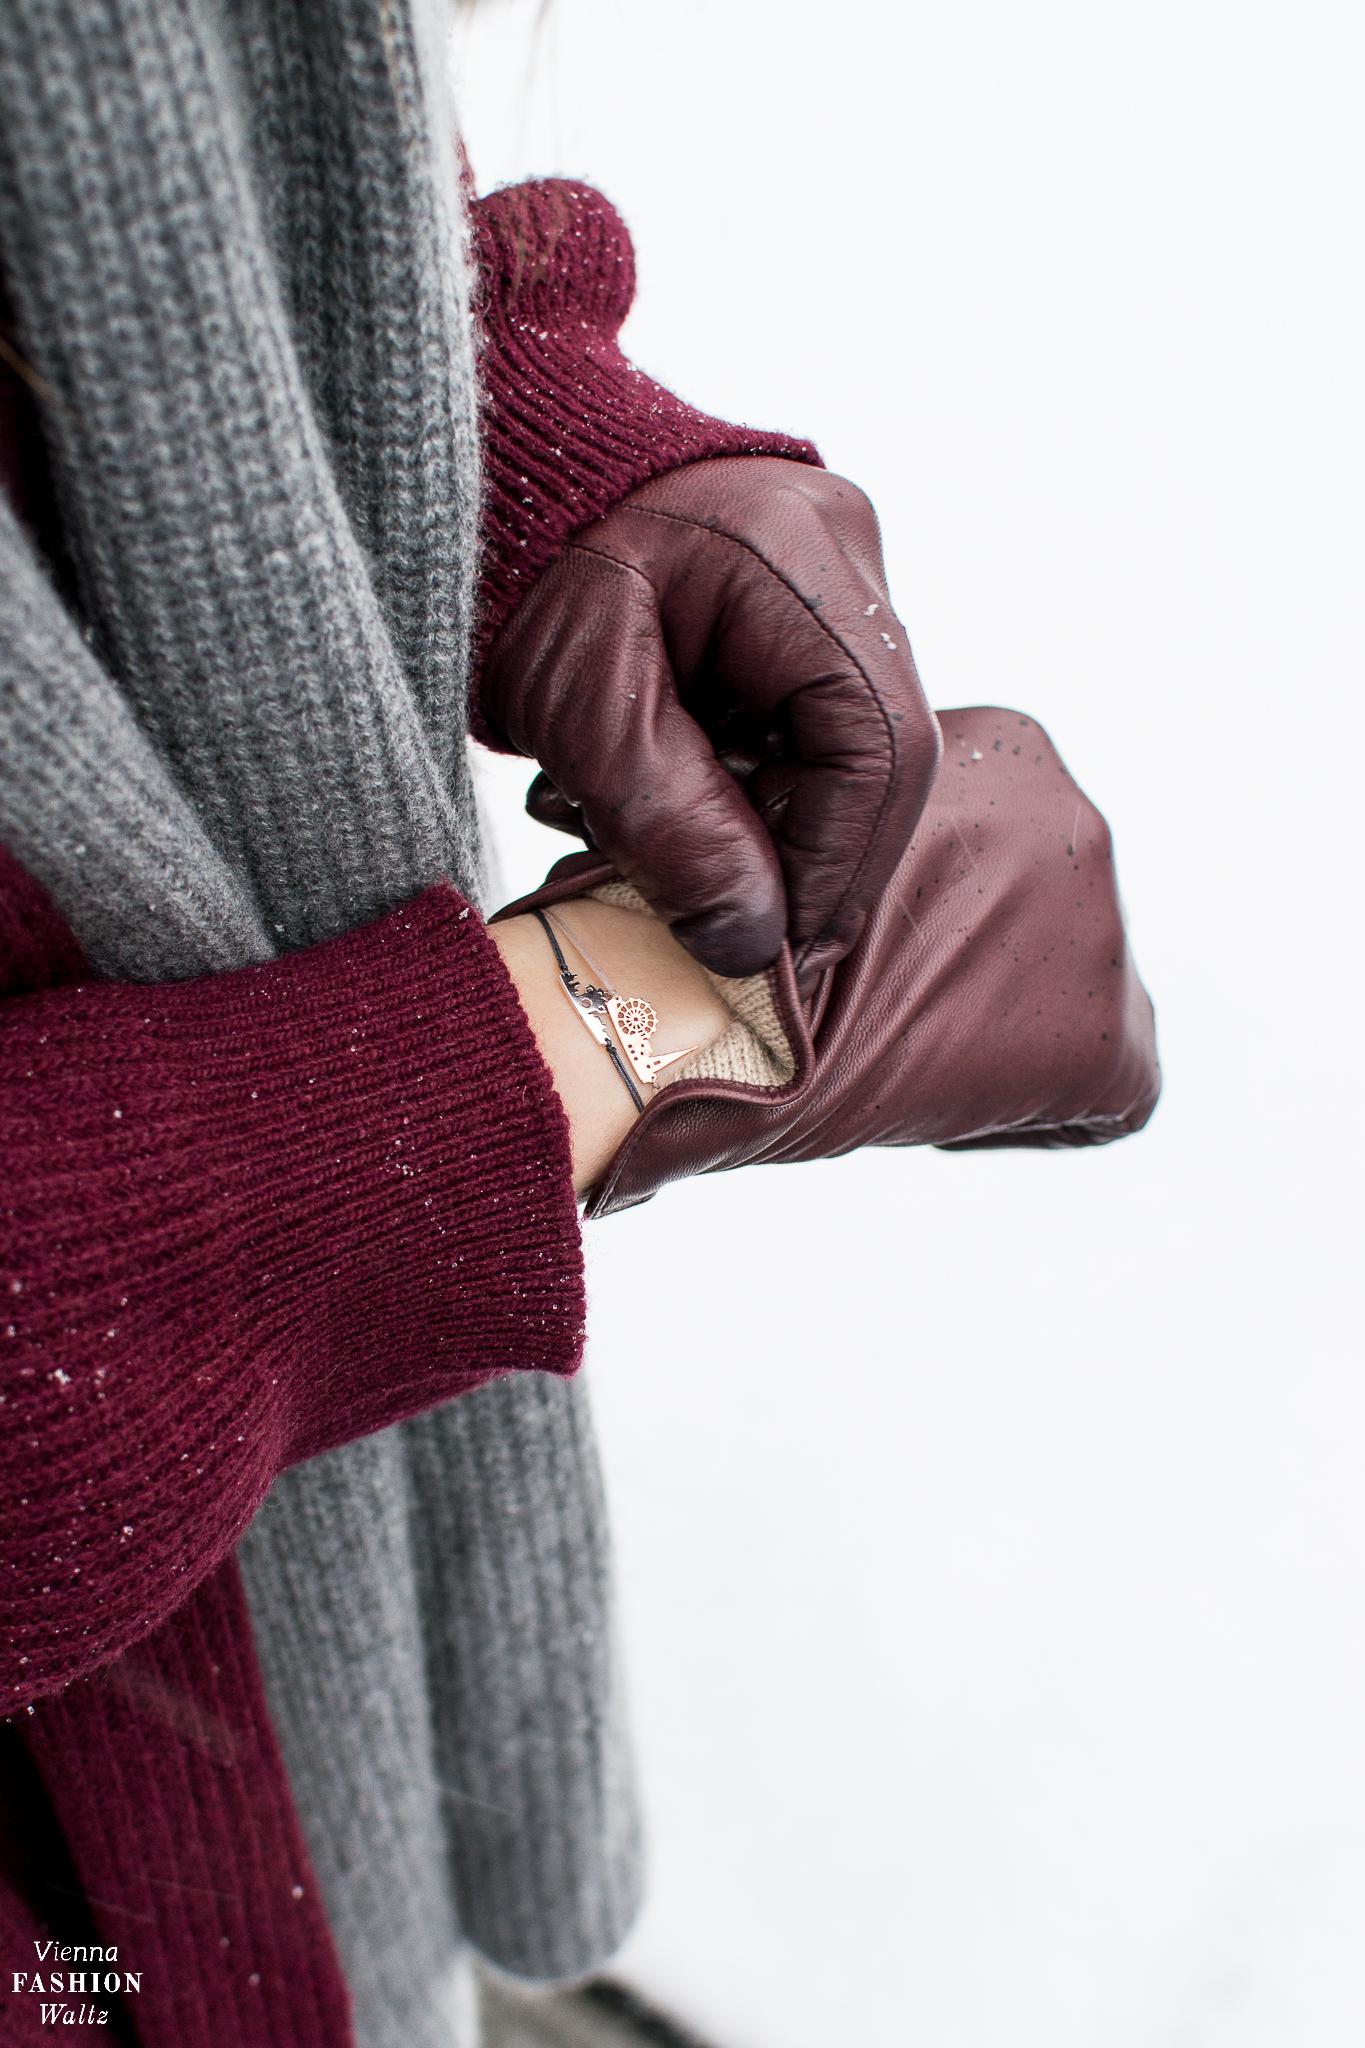 Die richtige Pflege für Handschuhe aus Leder! Ordnung & Lifehacks, Kleiderpflege, Tipps & Tricks